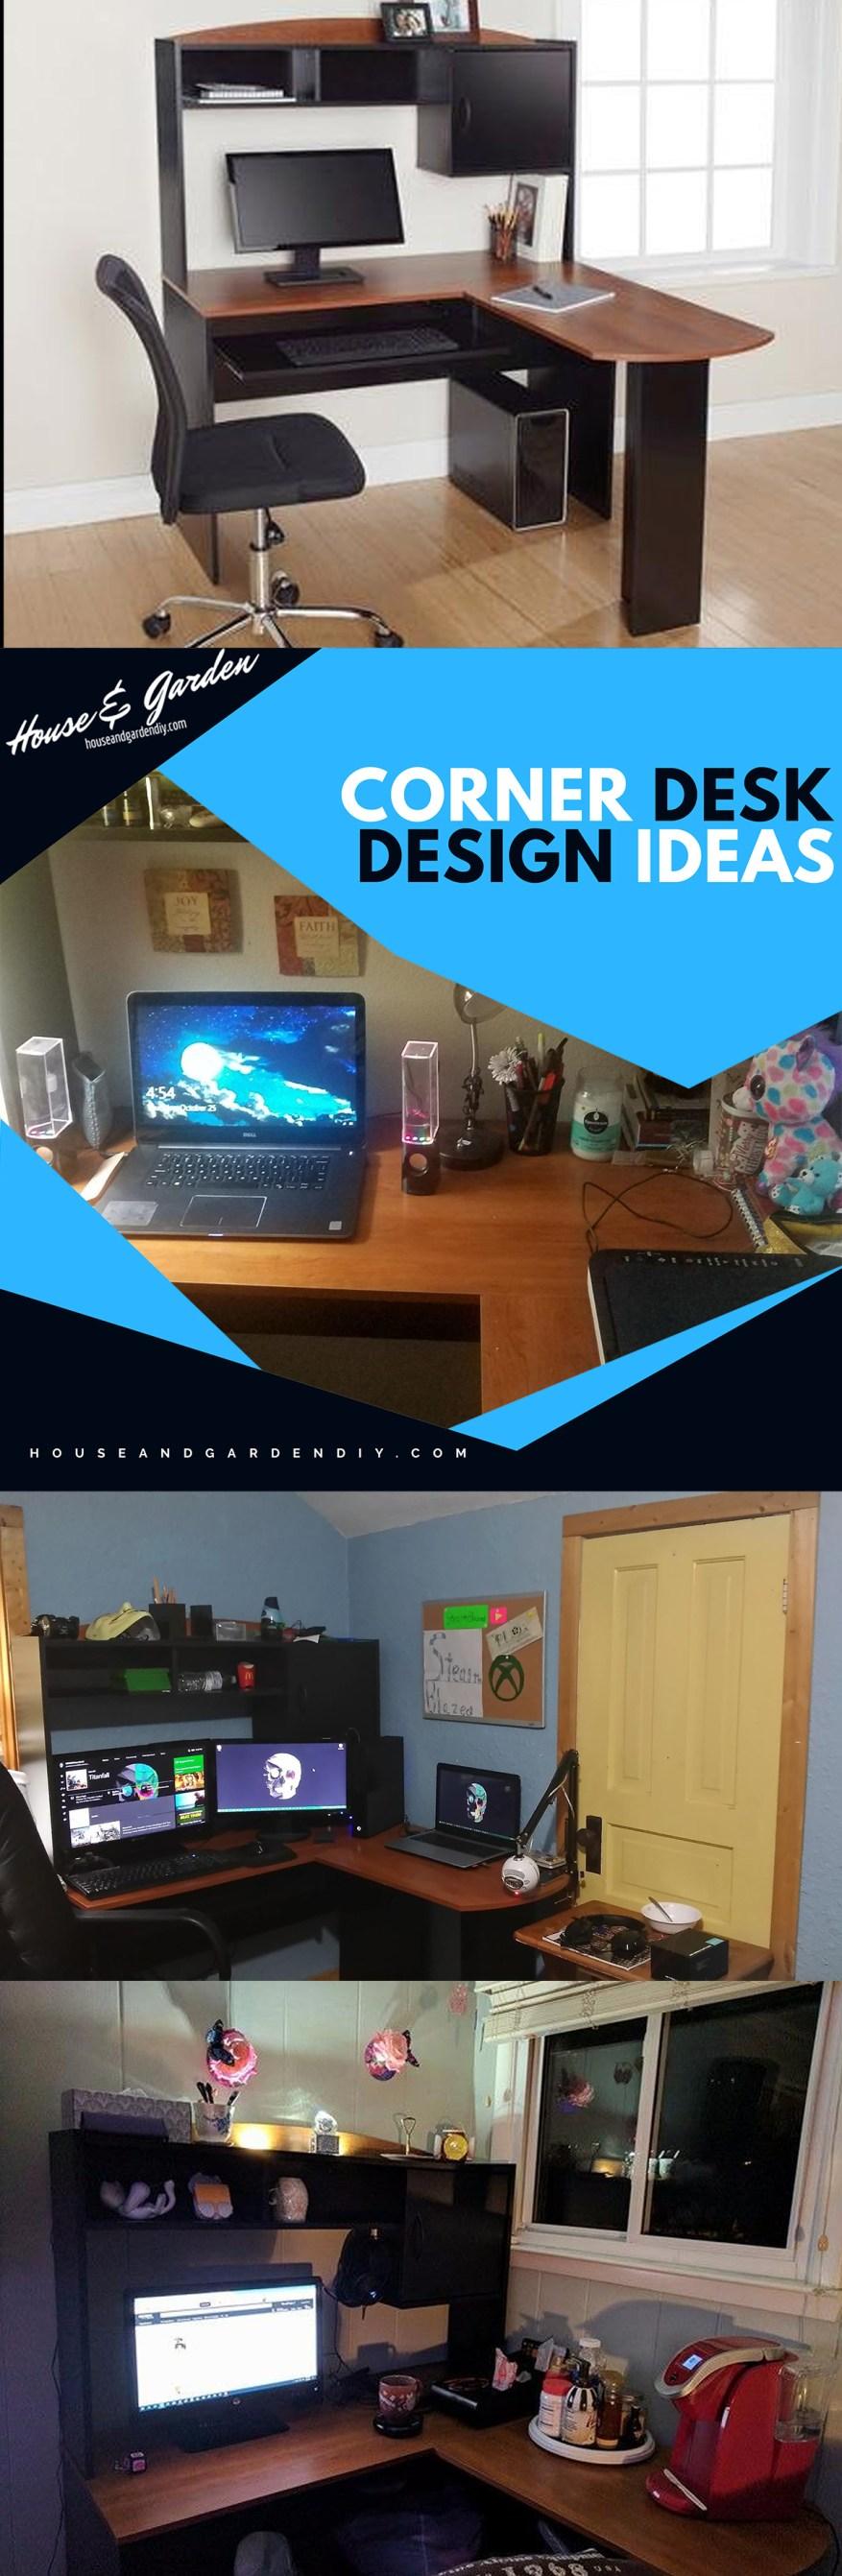 pinterest corner desk